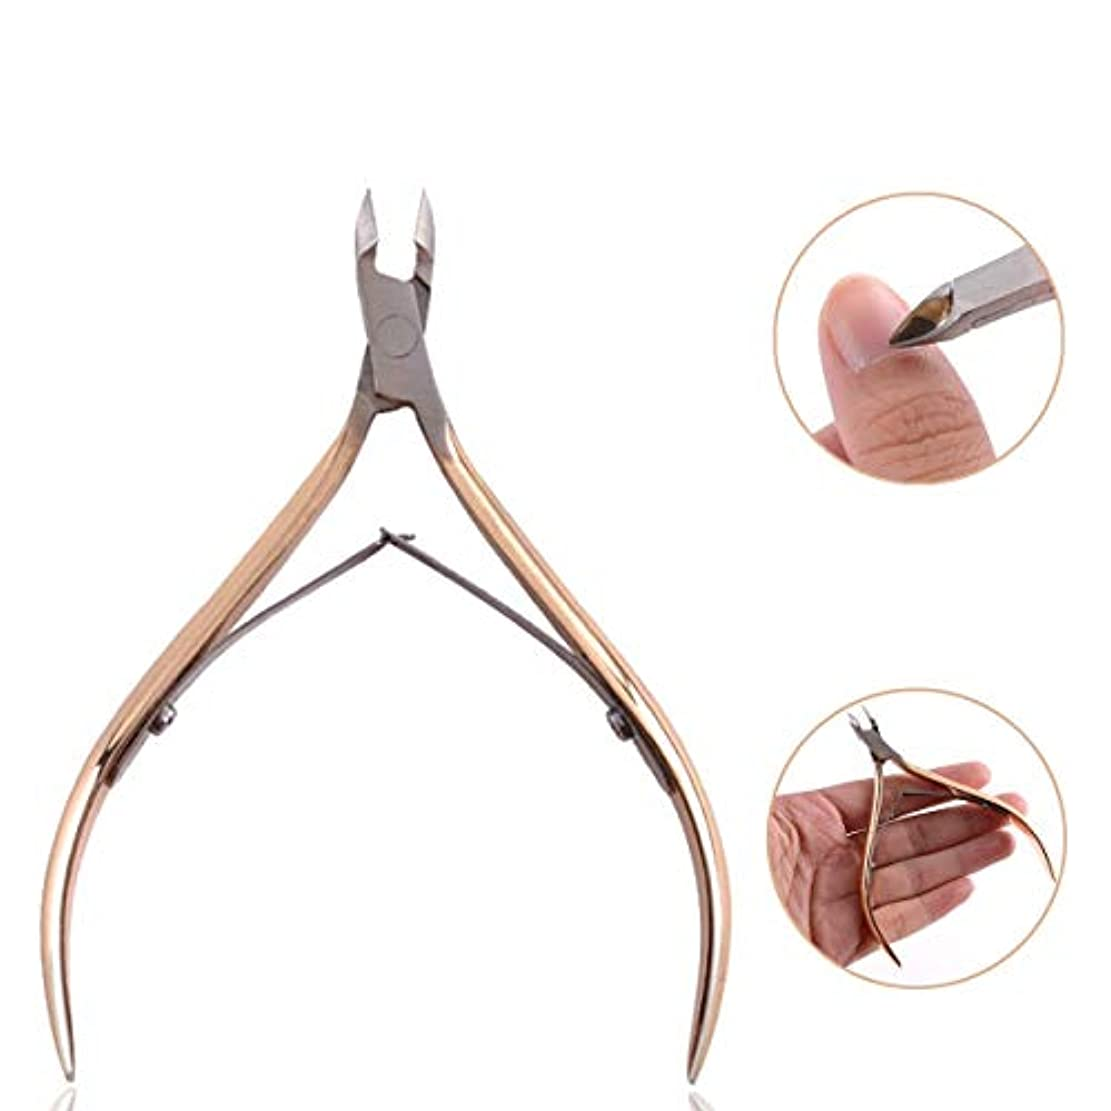 迷信プレゼンター自慢ニッパー爪切り 爪切り 甘皮切り ステンレス製 切れ味抜群 厚い爪 変形爪 陥入爪 巻き爪に 水虫爪最適 高齢者 医療 介護 高品質 ギフト